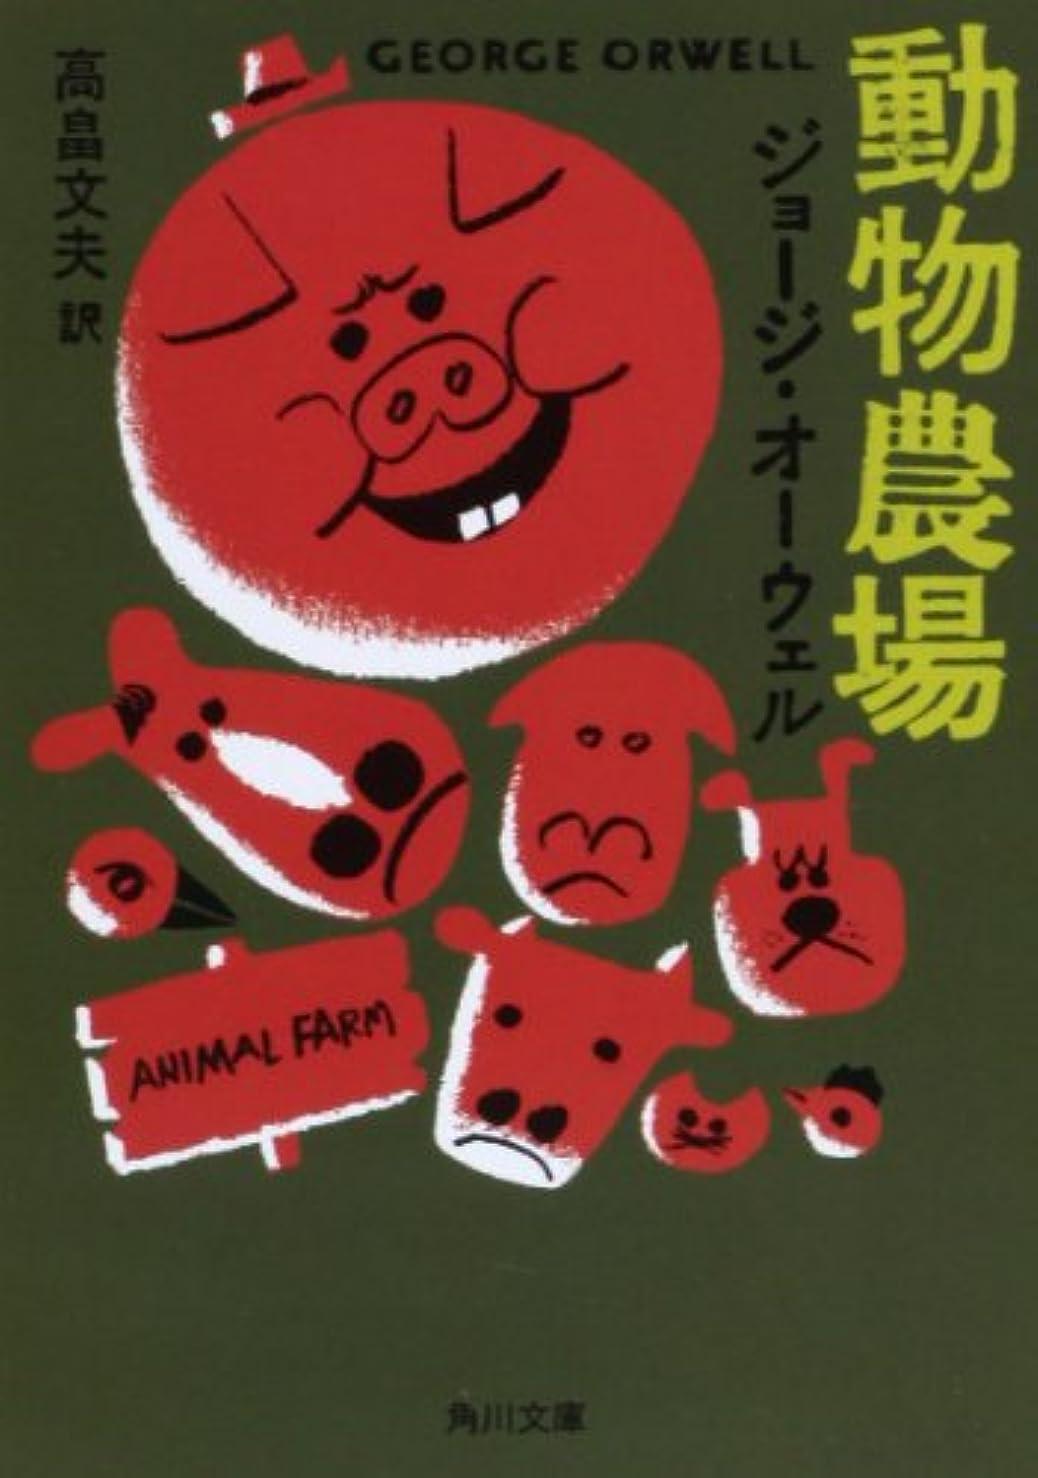 控える融合お肉動物農場 (角川文庫)